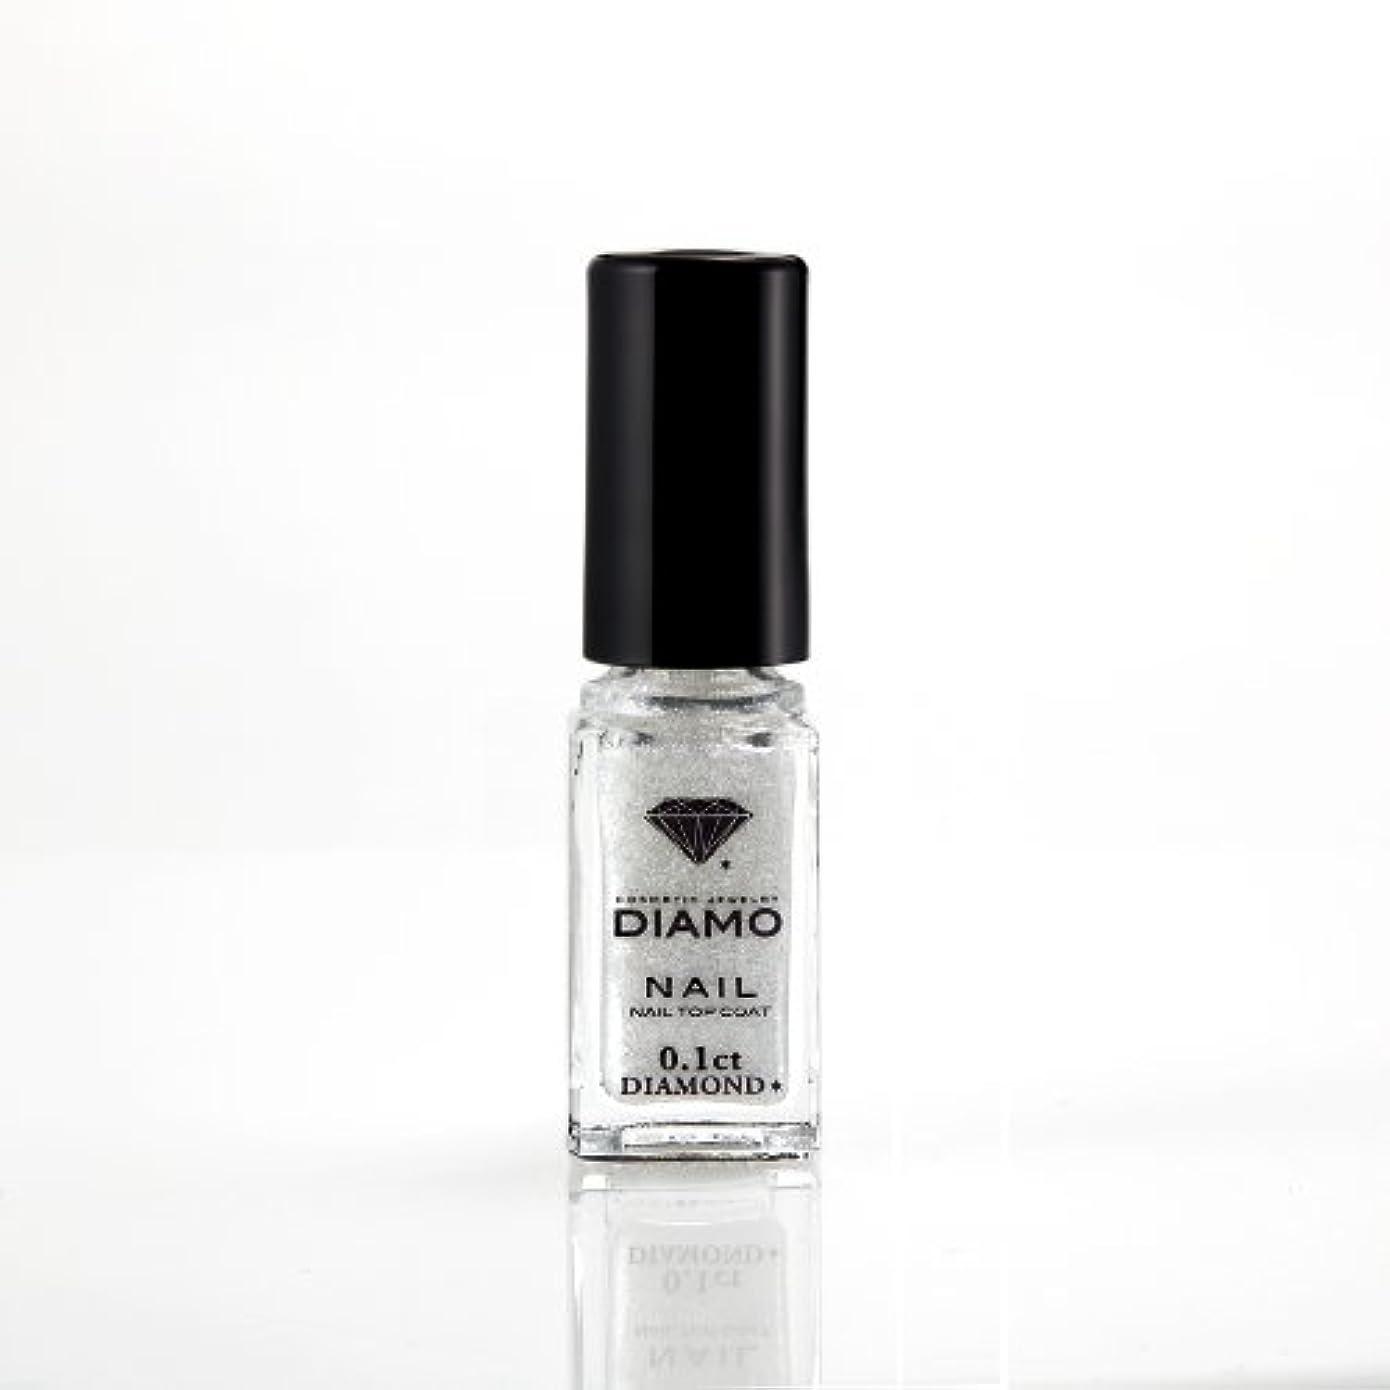 ほぼ書き出す警告するDIAMO NAIL TOP COAT ディアモ ネイル トップコート0.1ct 天然ダイヤモンド粉末入り5ml